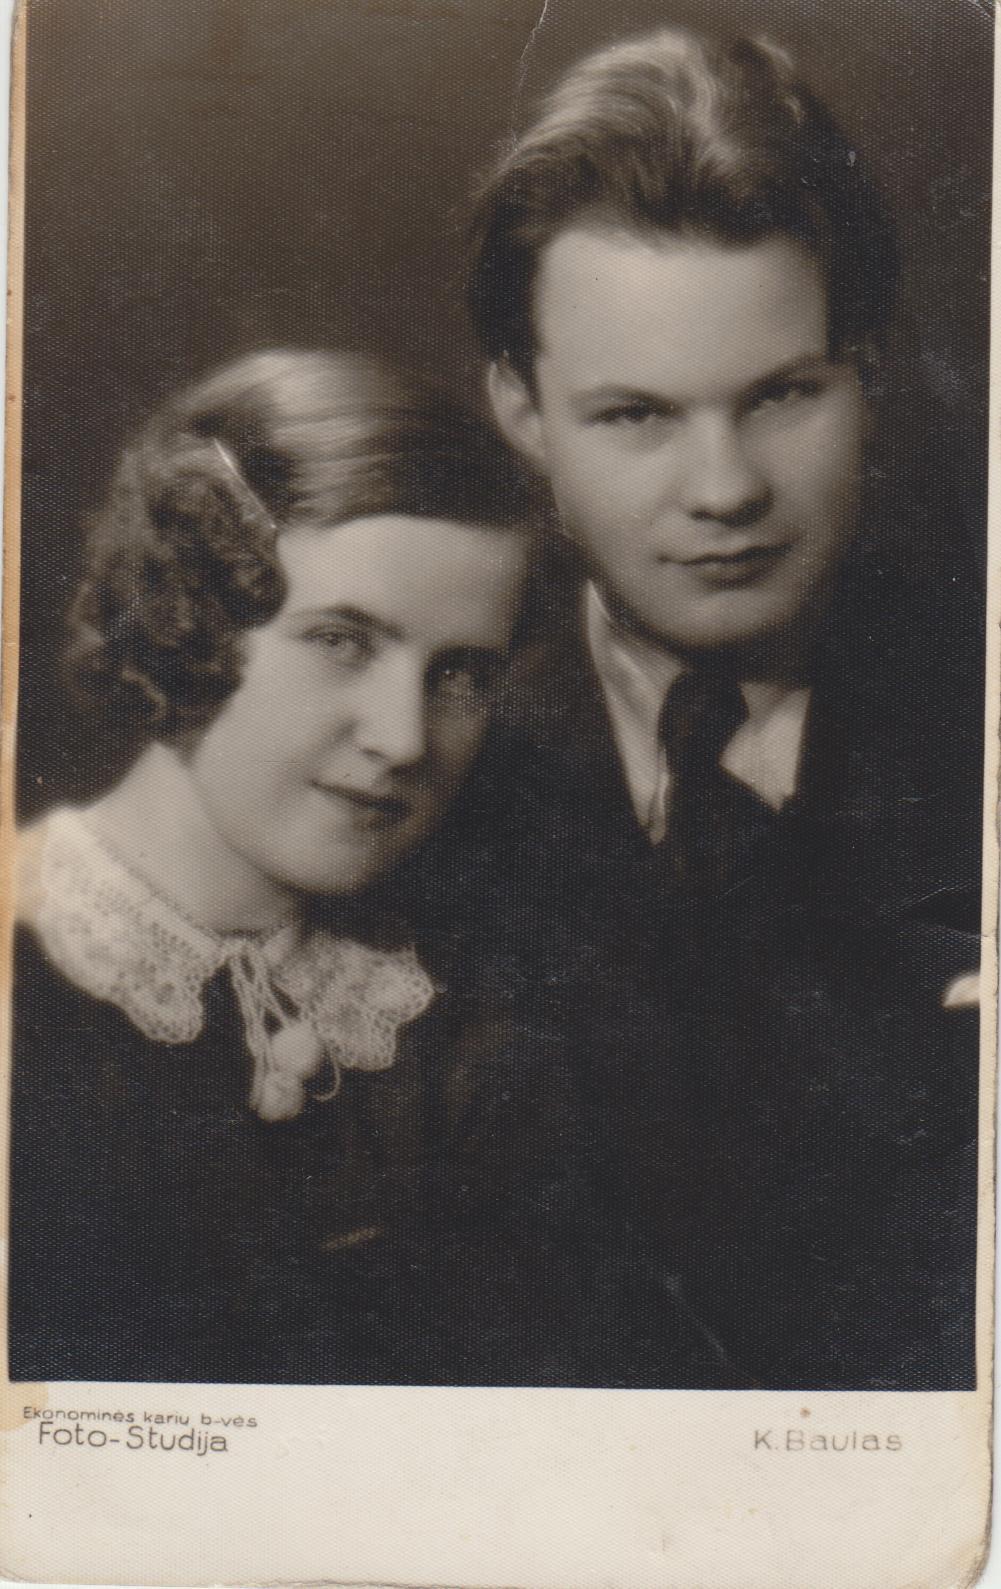 Su žmona Matilda Malinauskaite apie 1936 m.